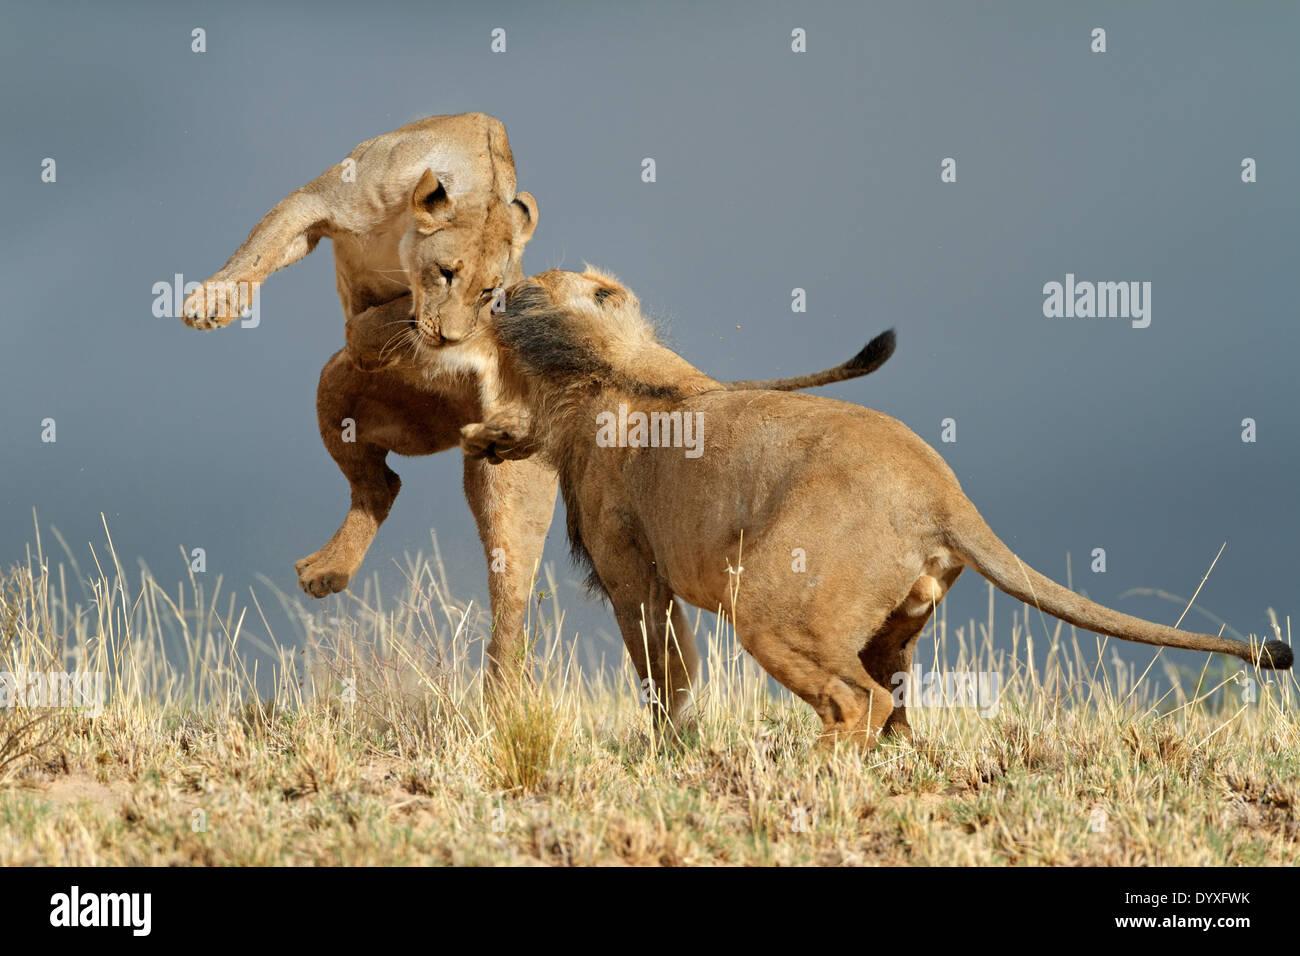 Juguetón jóvenes leones africanos (Panthera leo), el desierto de Kalahari, Sudáfrica Imagen De Stock